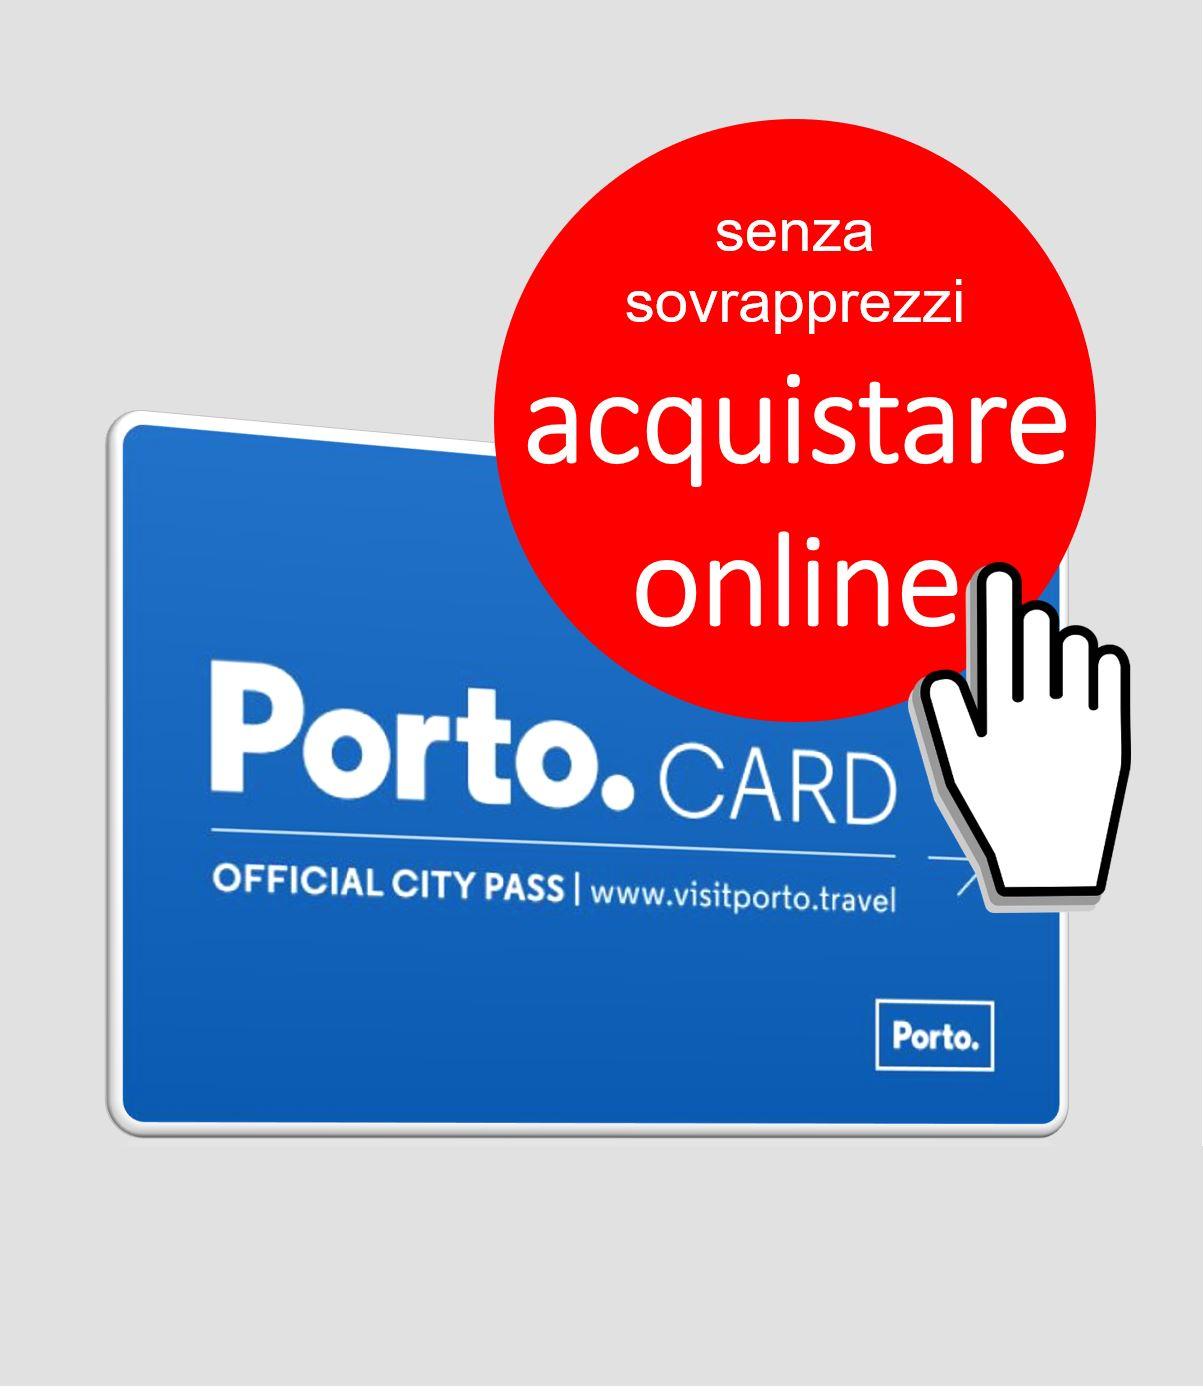 portocard acquistare online